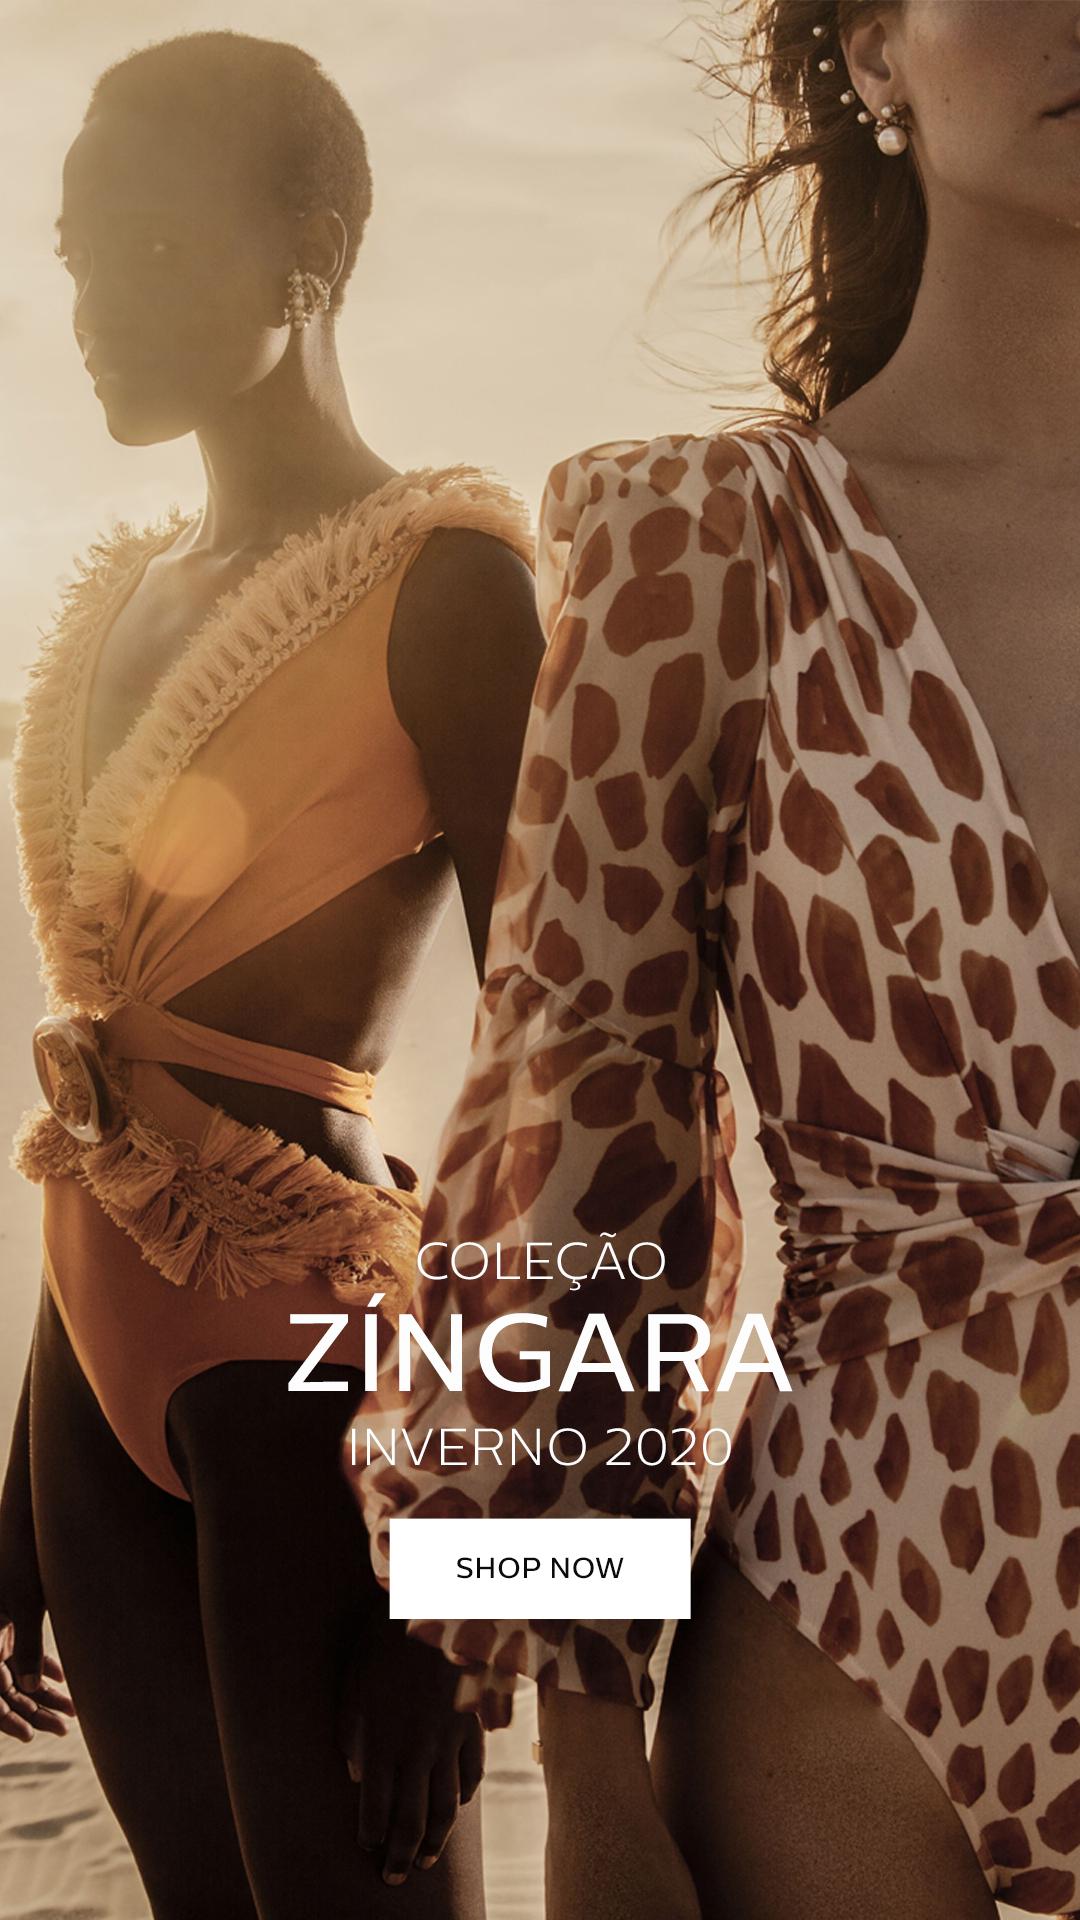 Coleção Zíngara - Inverno 2020